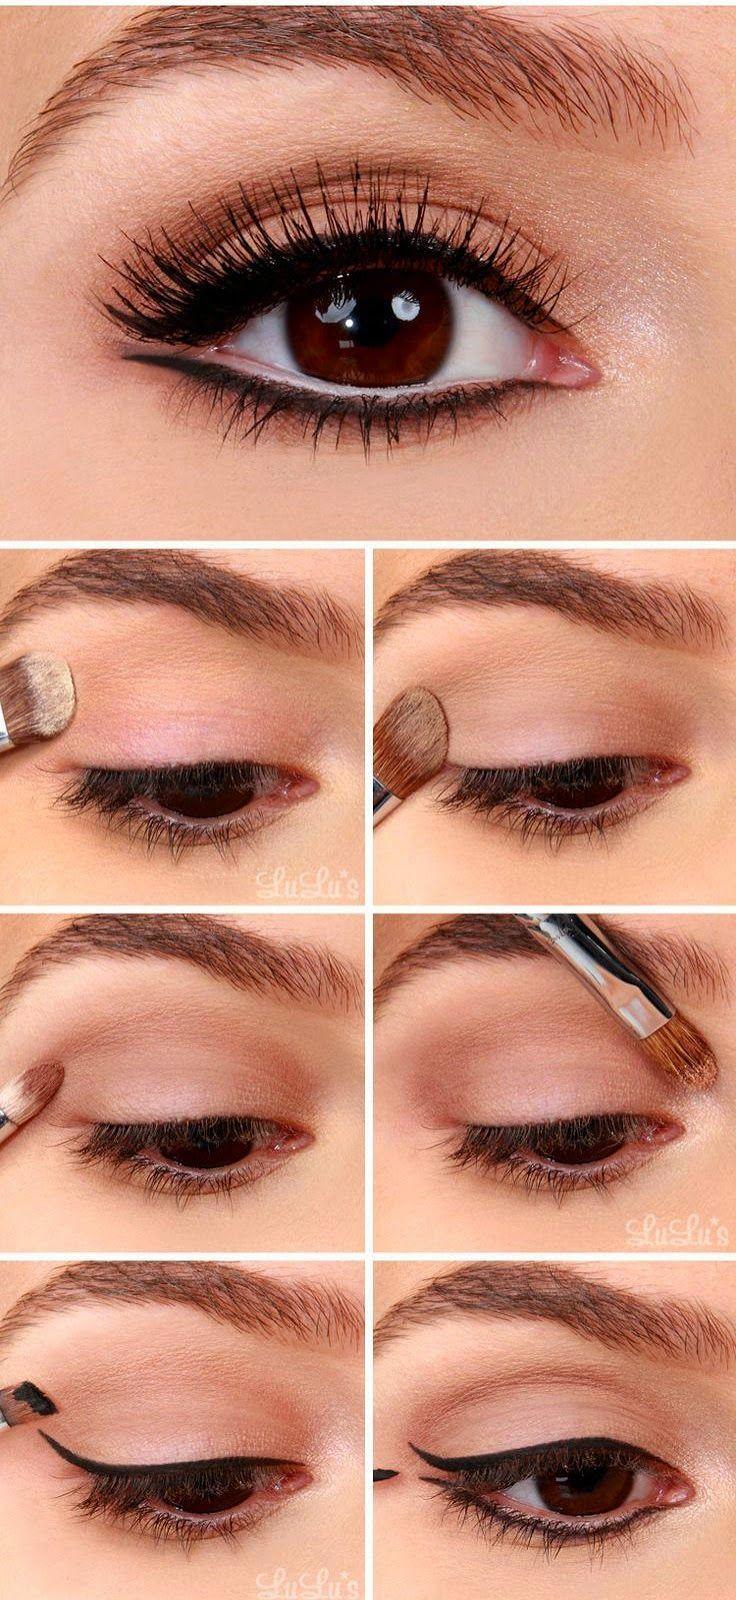 Runway Inspired Black Eyeliner Makeup Tutorial / Awe Fashion Makeup Tutorial